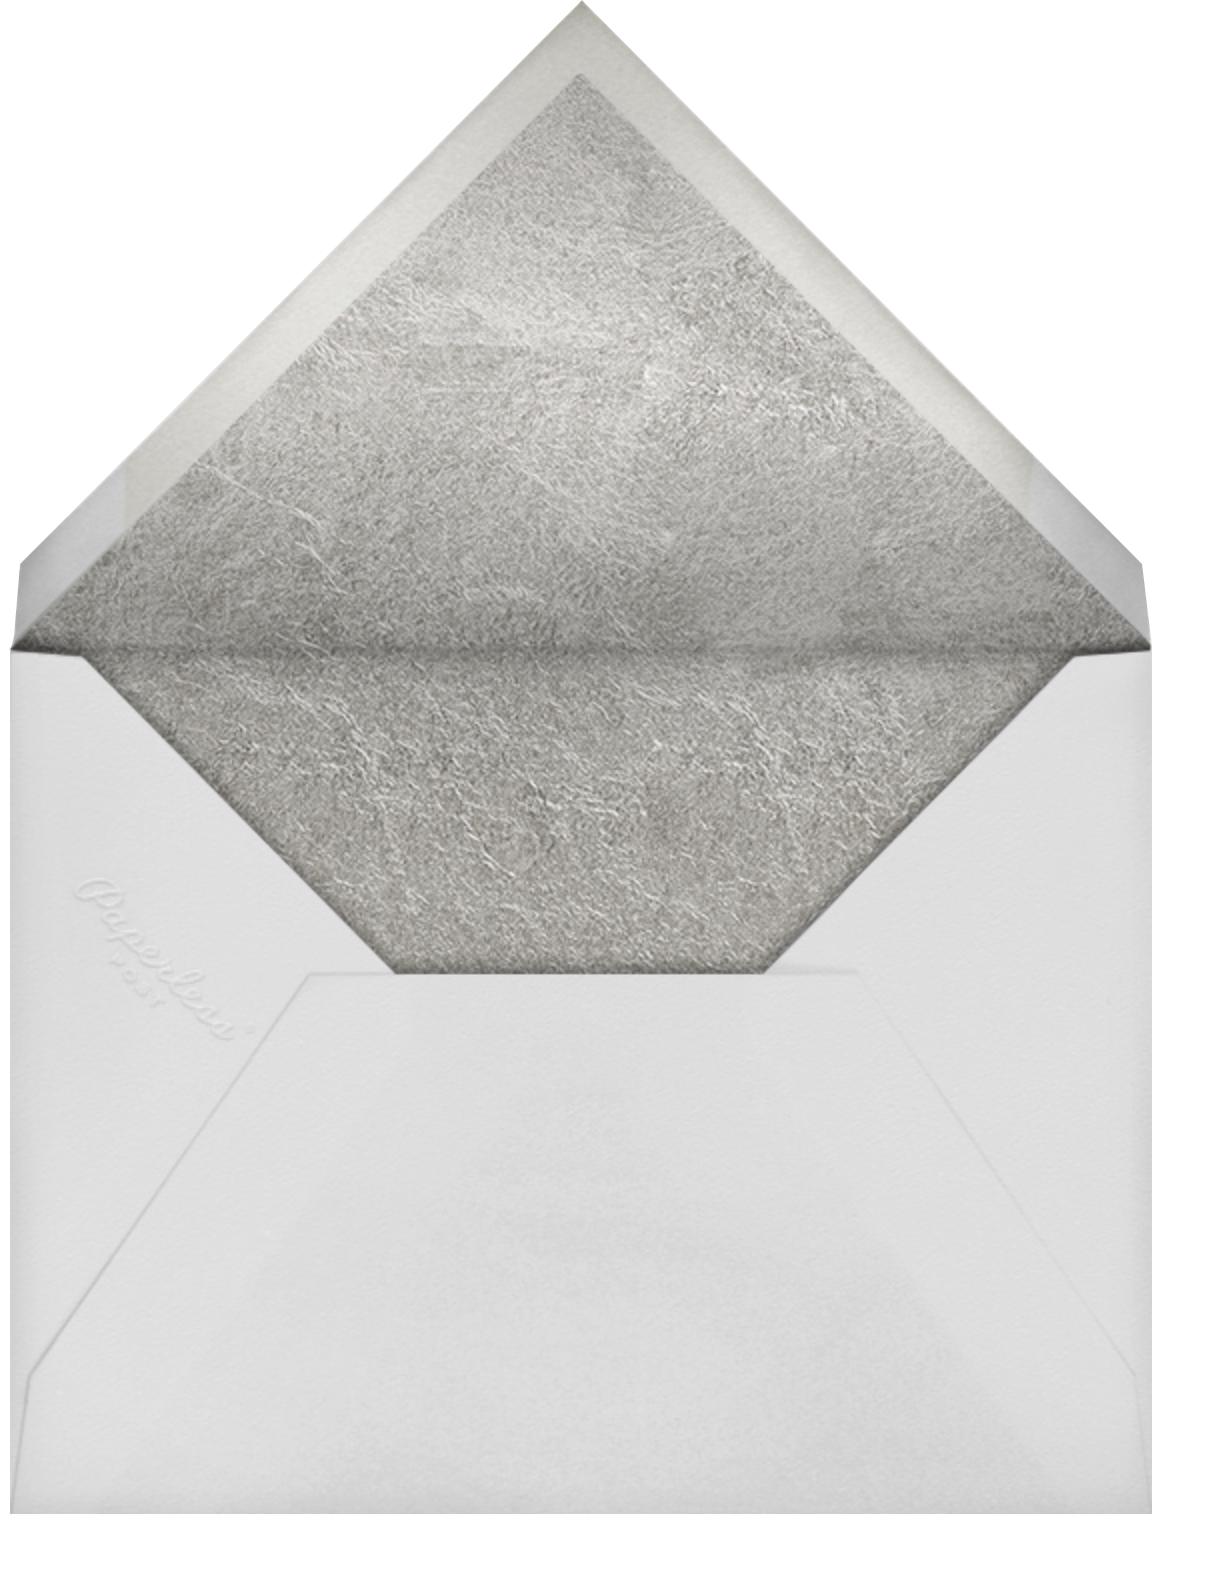 Prism Frame - Cadet - Kelly Wearstler - Hanukkah - envelope back